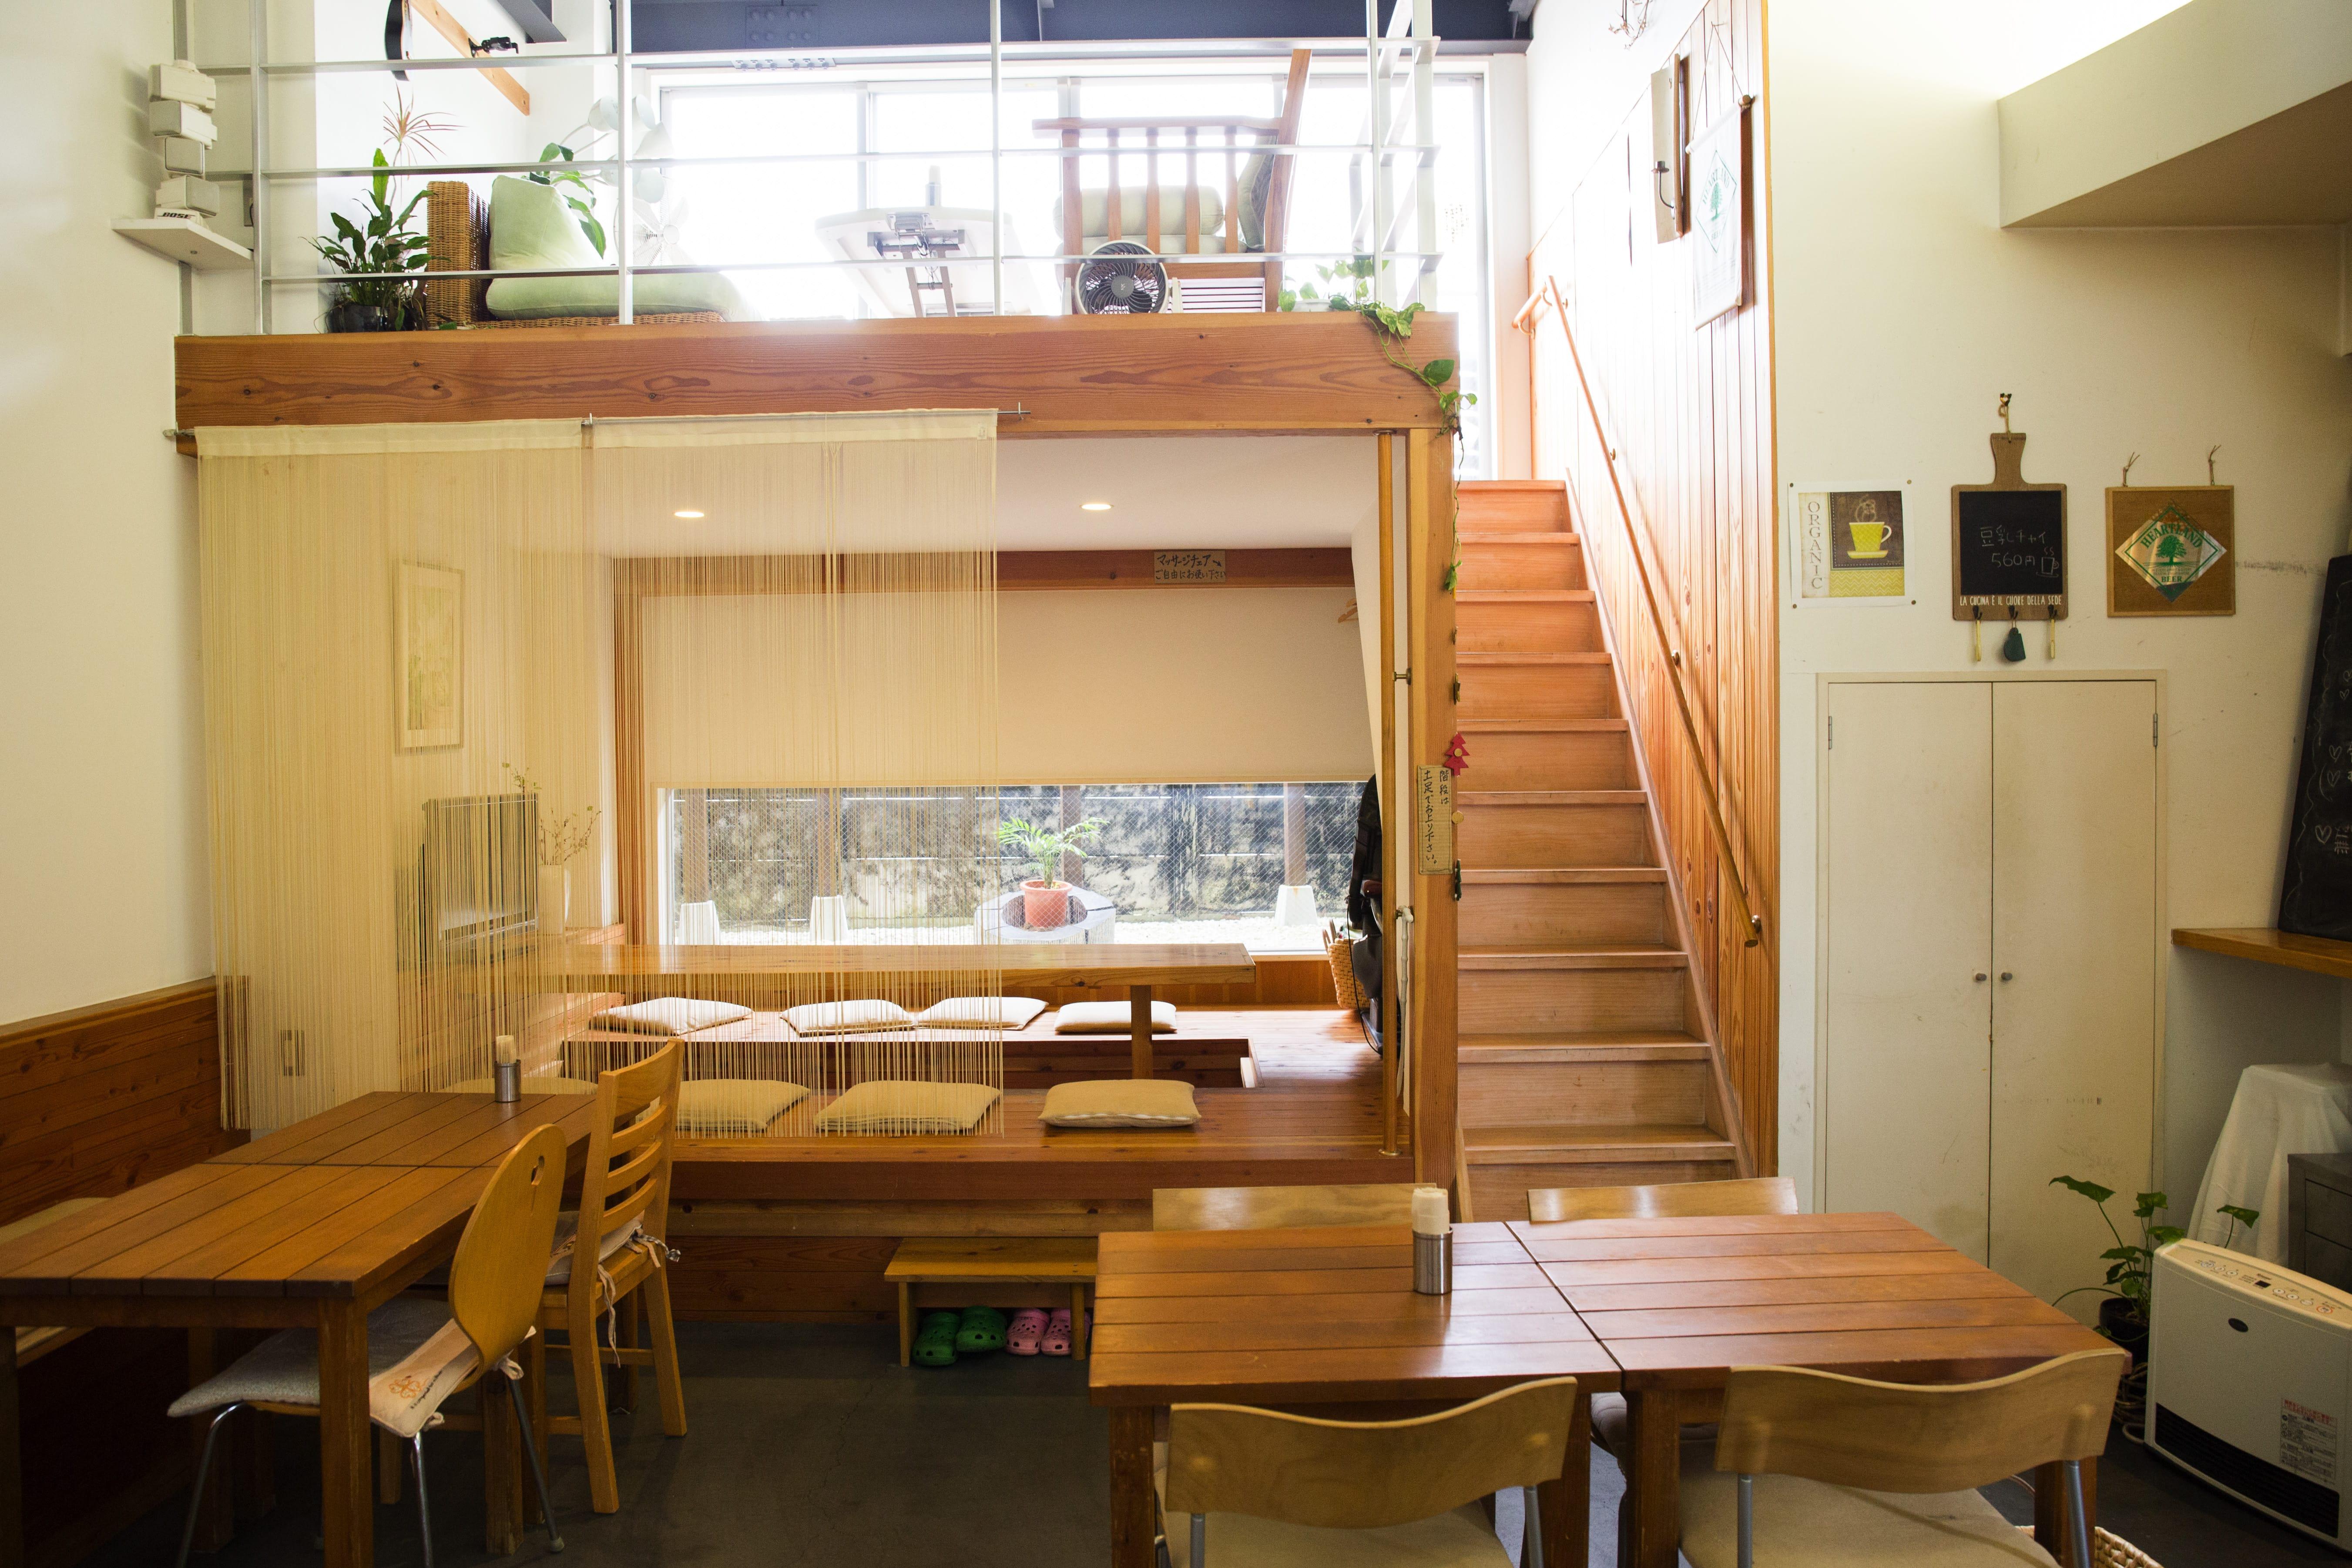 オーガニック和食&Cafe Chant店内風景